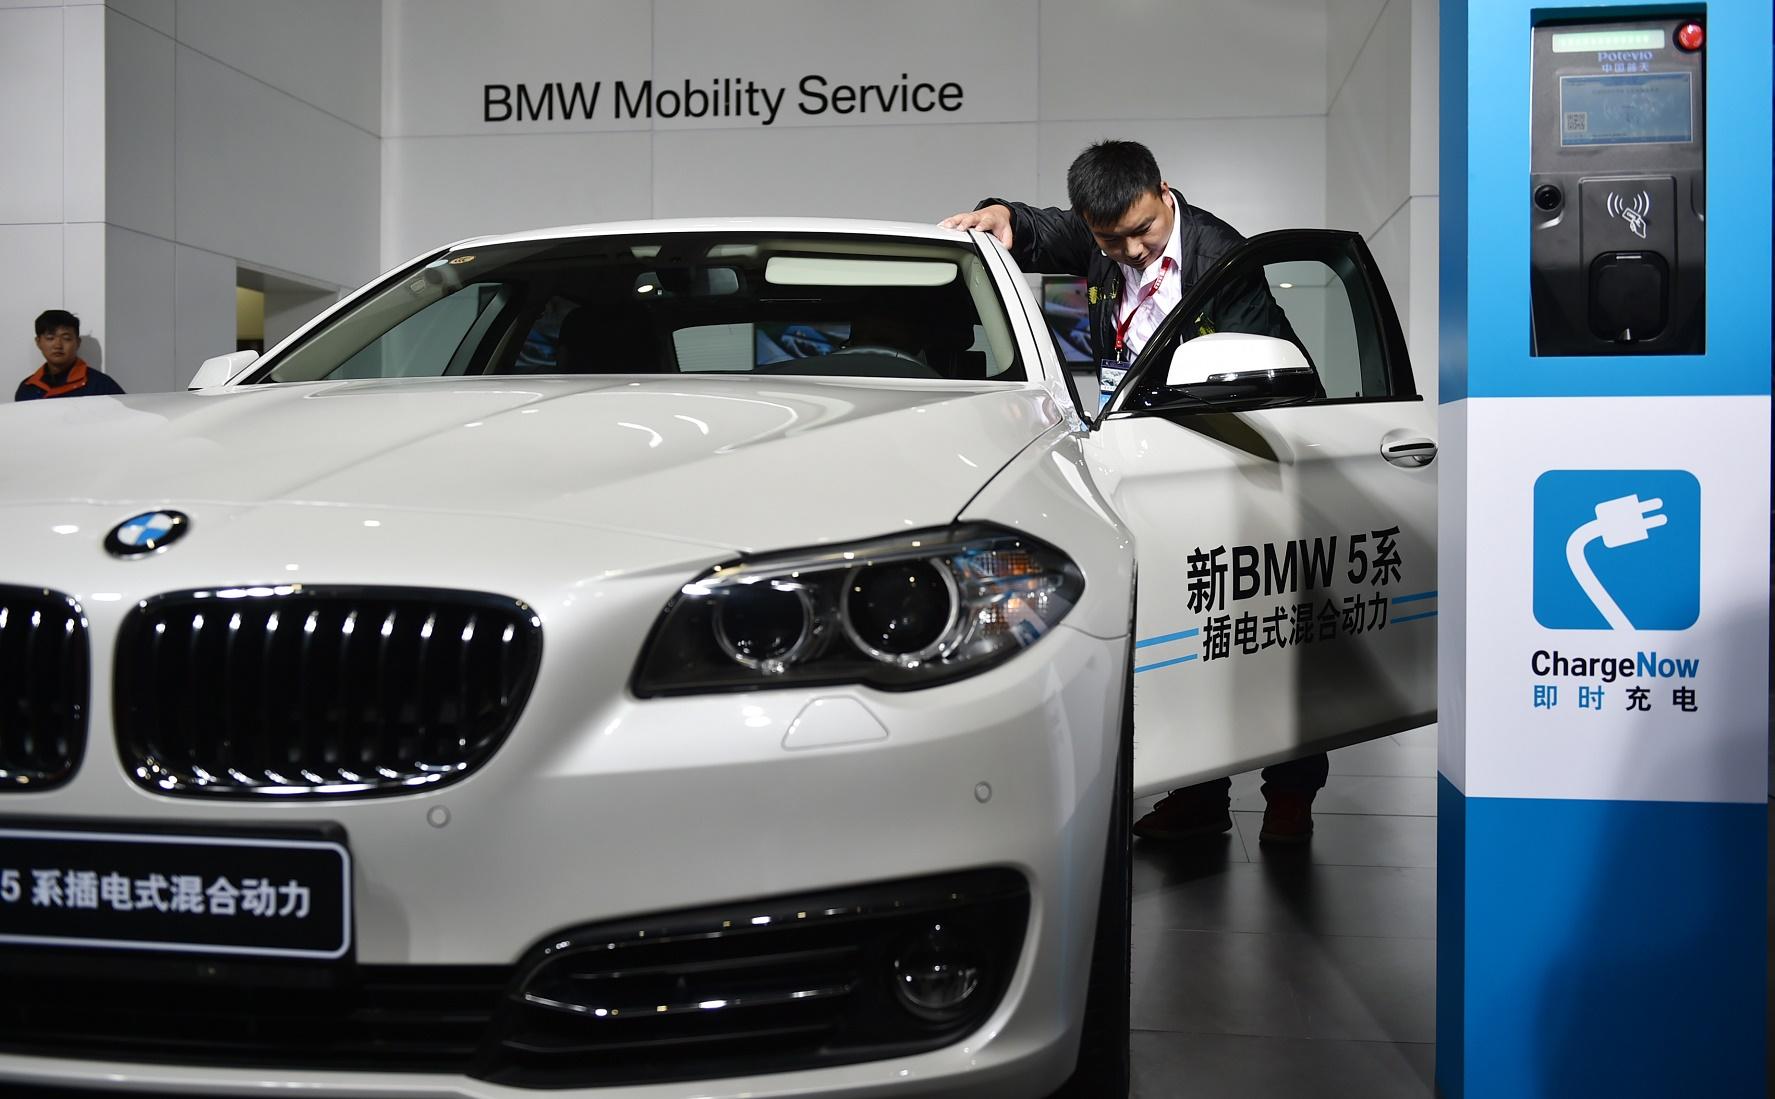 No Brasil, um BMW elétrico pode custar até R$ 850 mil. Foto Huang zhengwei / Imaginechina